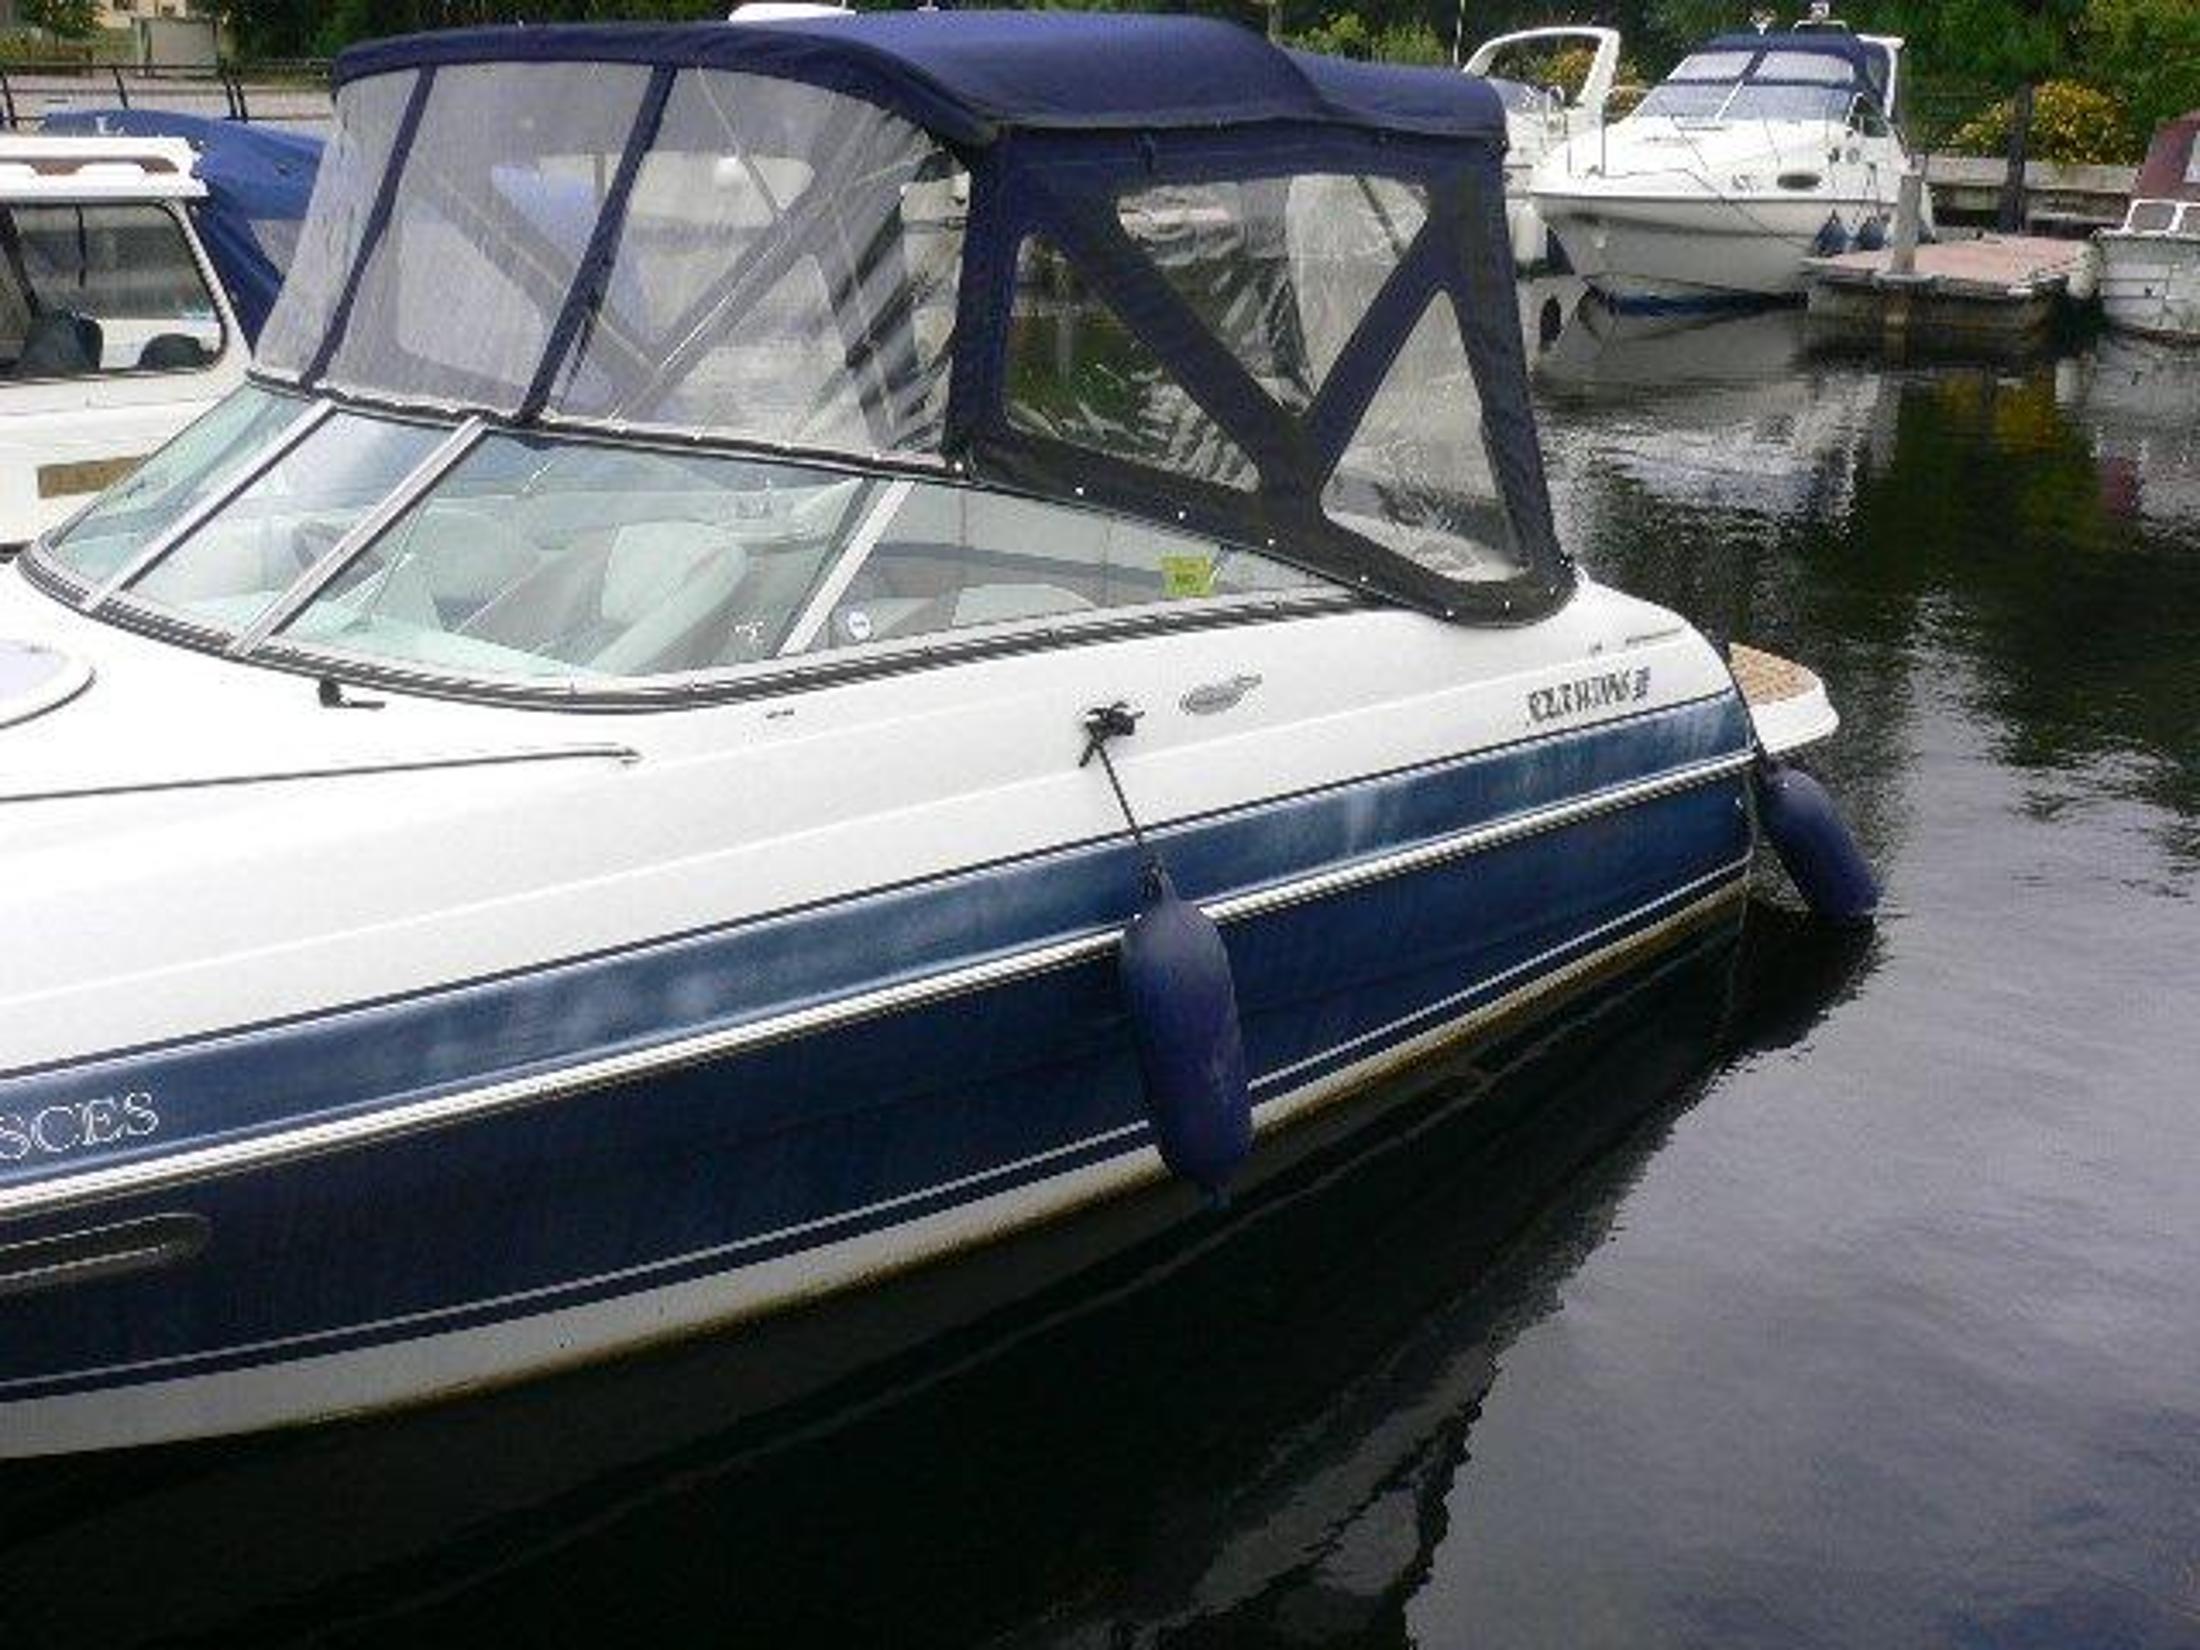 2004 Four Winns 205 Sundowner Power Boat For Sale